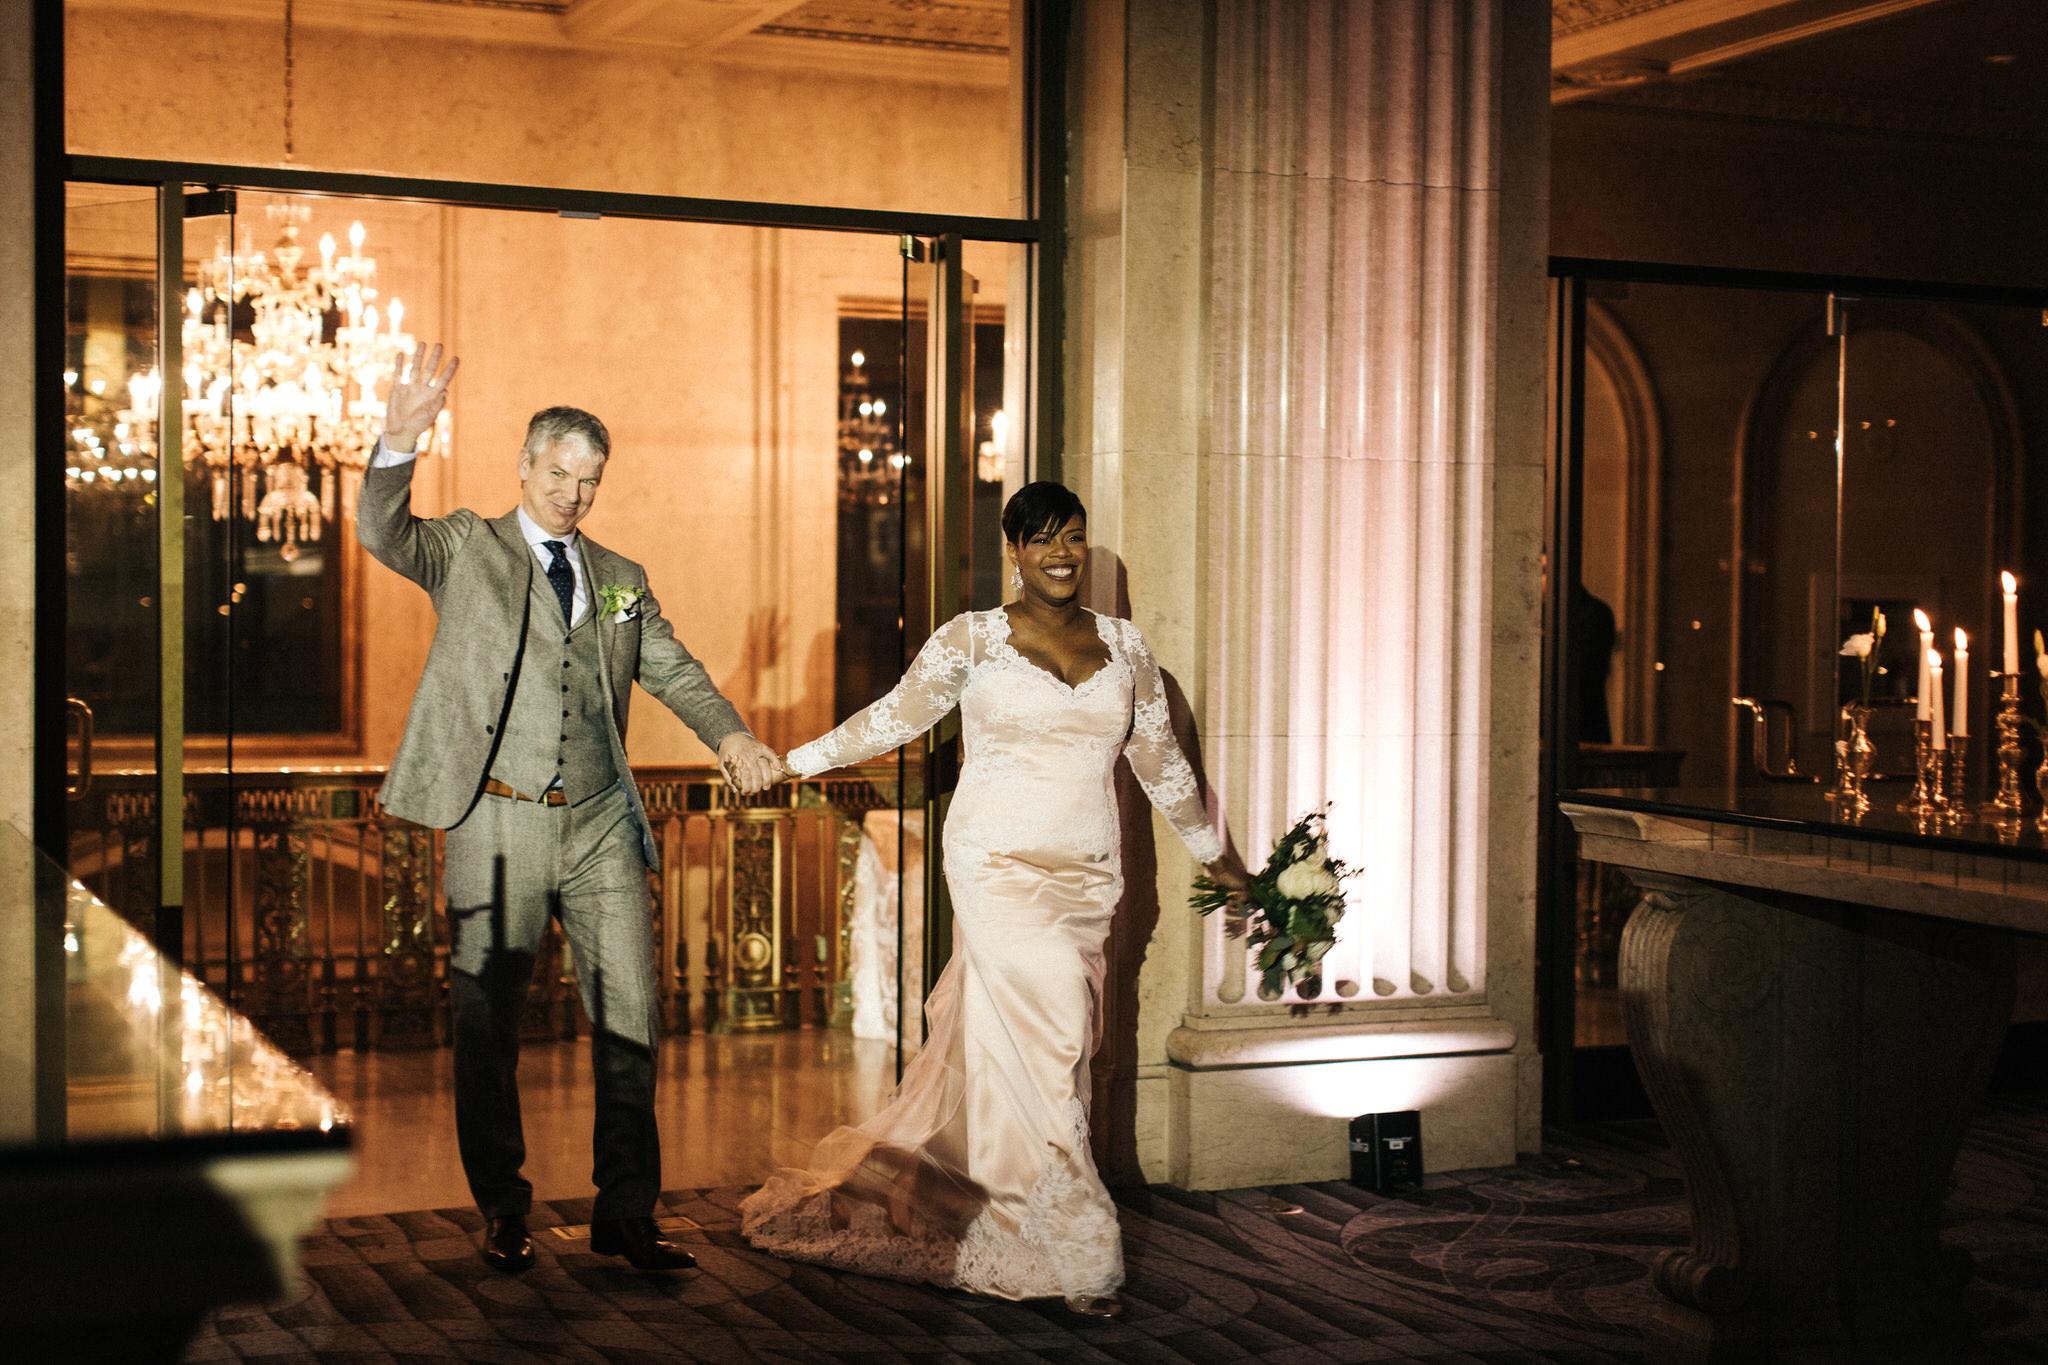 wedding photos one king west wedding reception